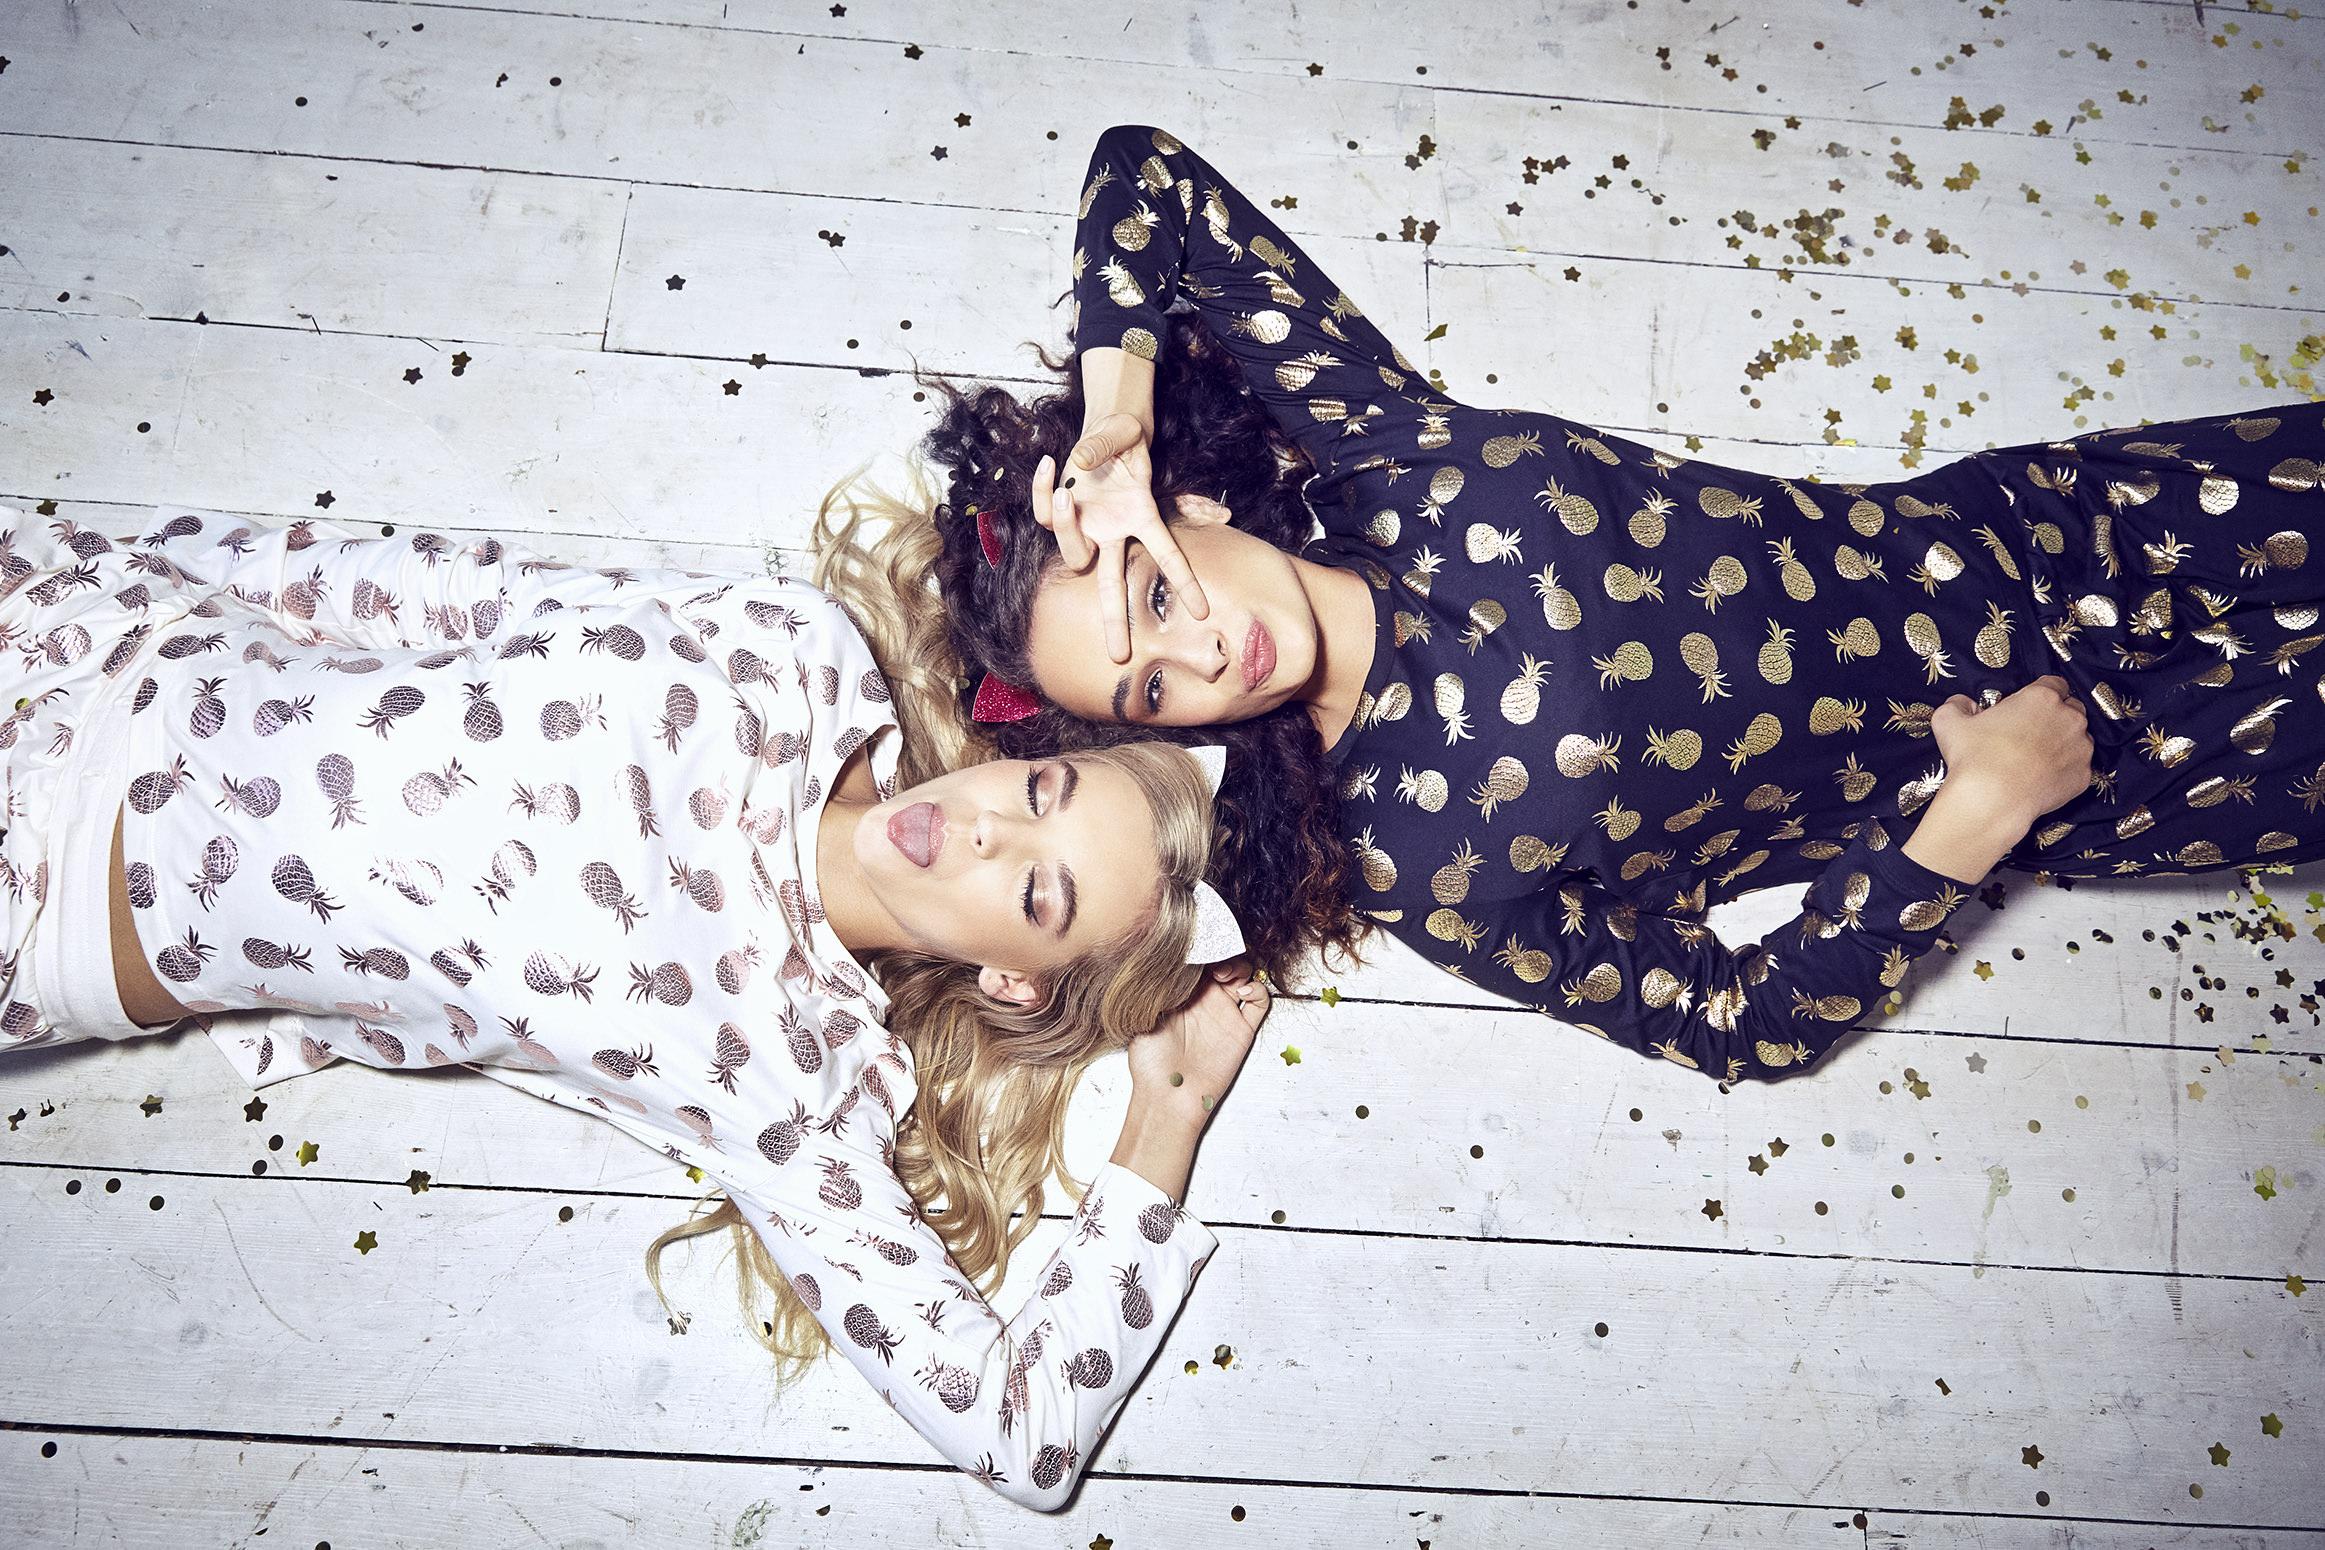 pyjama-campaign-fun-girls-teen-tween-nightwear-lingerie-london-cute-christmas-xmas-6.jpg